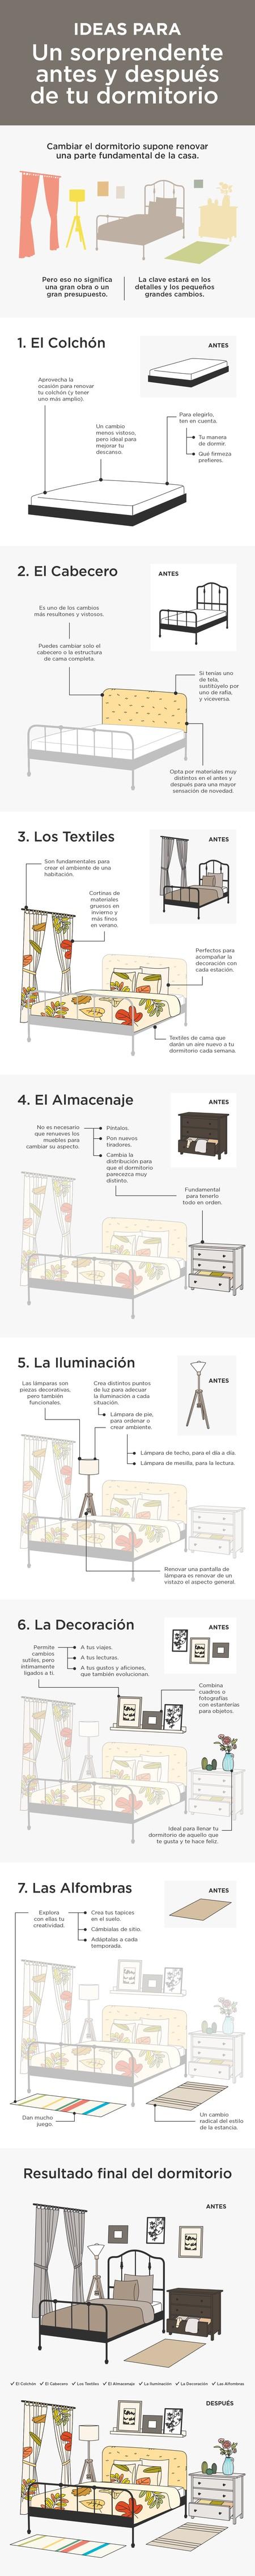 Infografia Ikea Antes Y Despues Dormitorio 3 Min